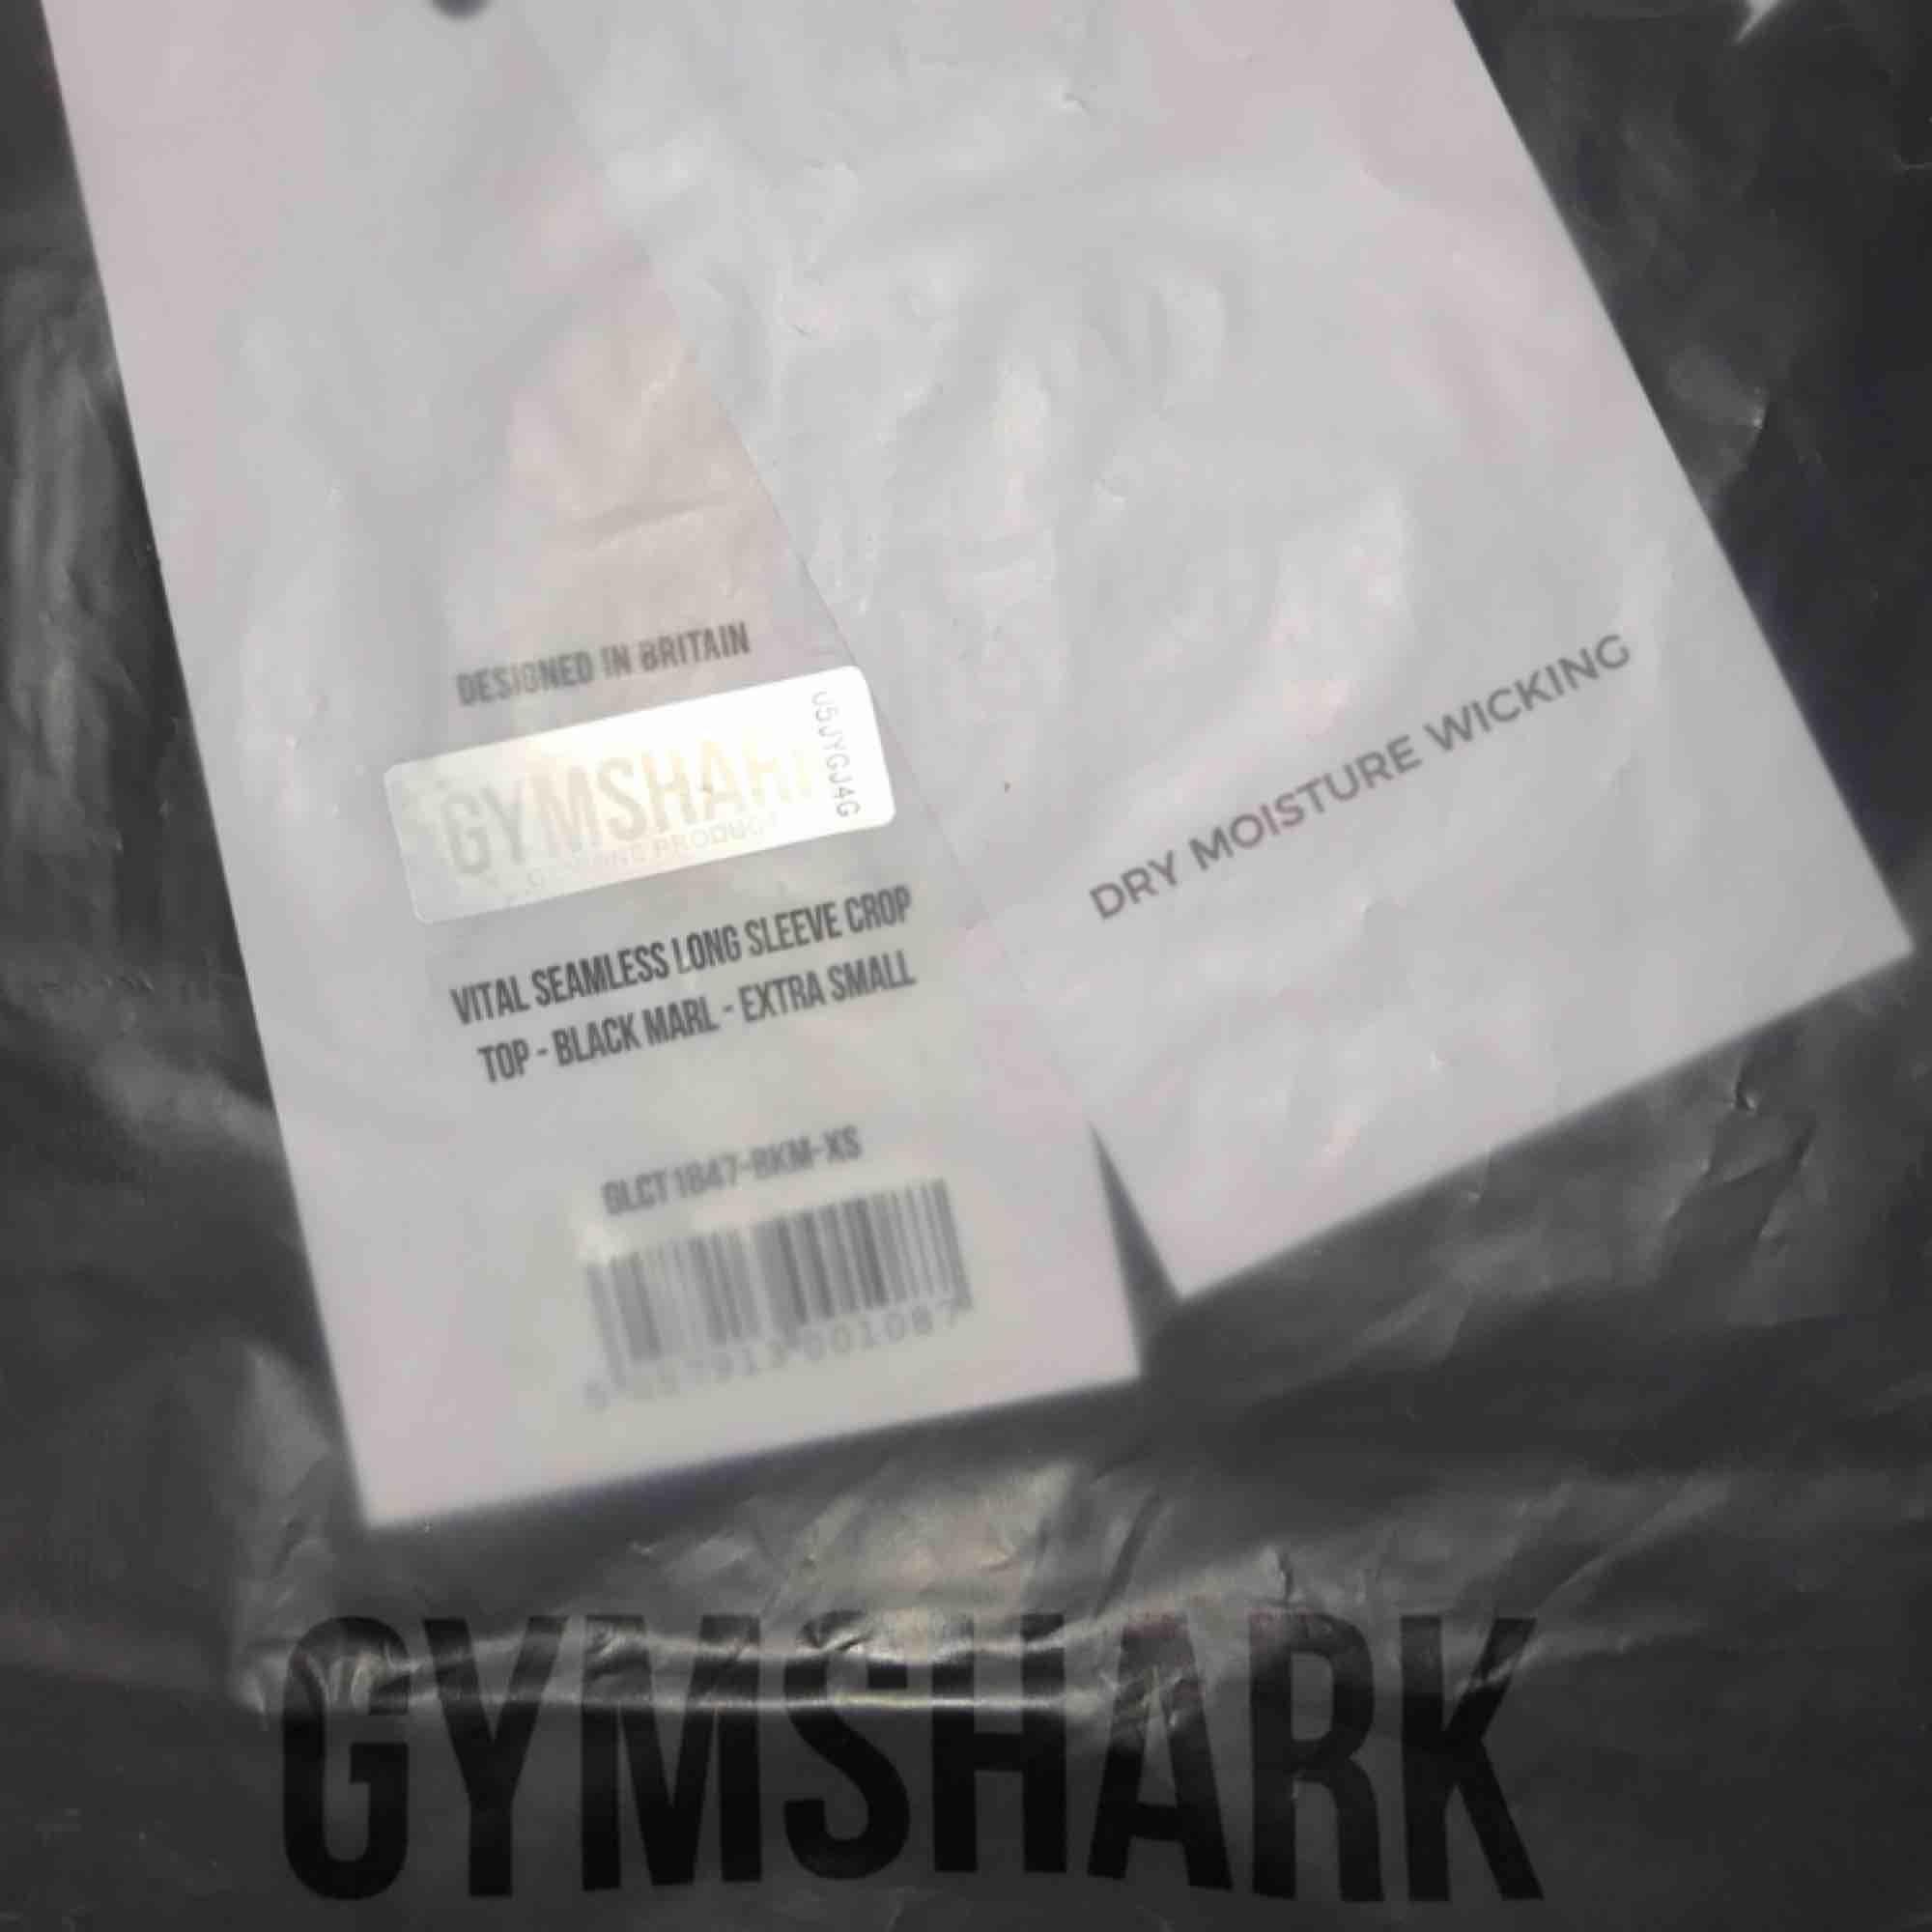 VITAL LONG SLEEVE CROP TOP från Gymshark. Säljes pga fel storlek, fortfarande prislapp på och i förpackning, ej provad.  Kan mötas upp i Trollhättan eller Göteborg/centralen. Skickas annars mot fraktkostnad.  Nypris 450kr. Toppar.